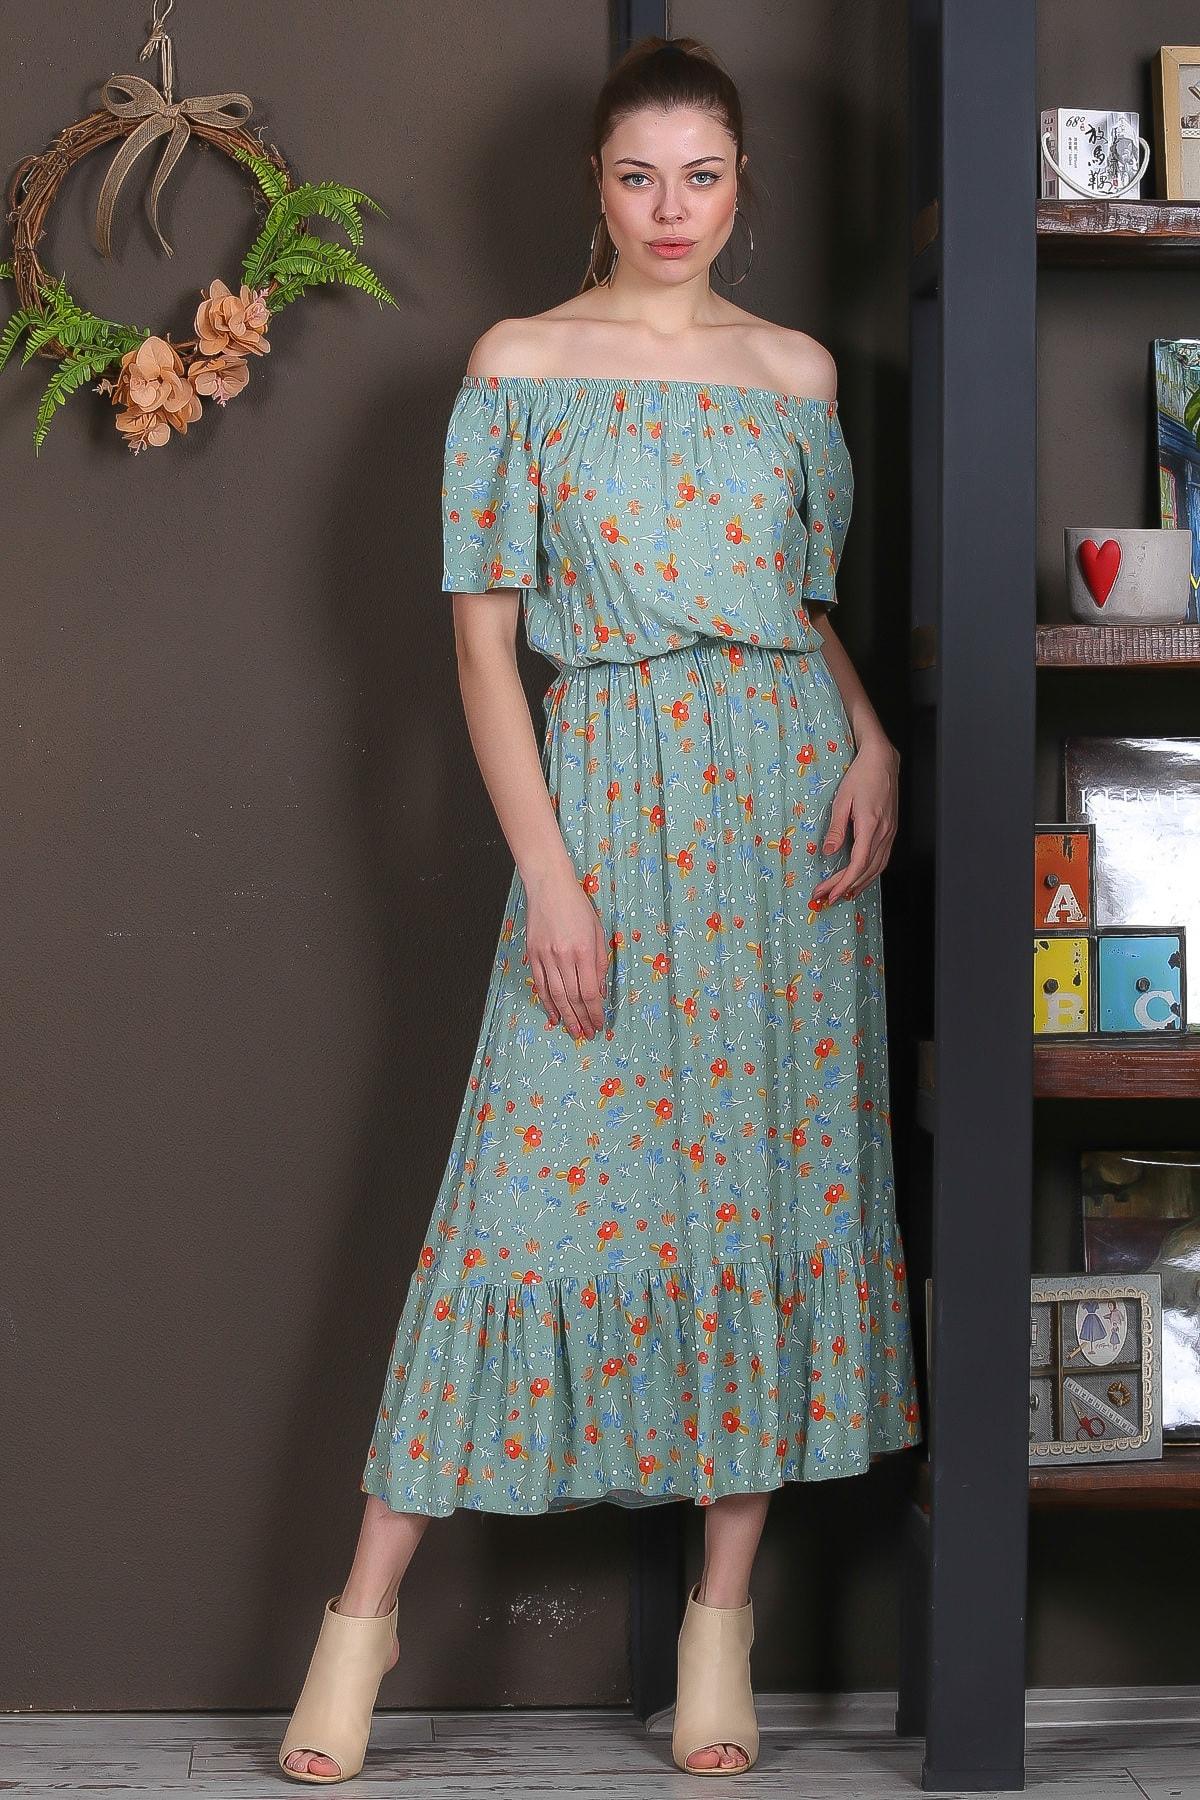 Chiccy Kadın Mint Carmen Yaka Çıtır Çiçek Desenli Beli Lastikli Uzun Elbise M10160000EL95399